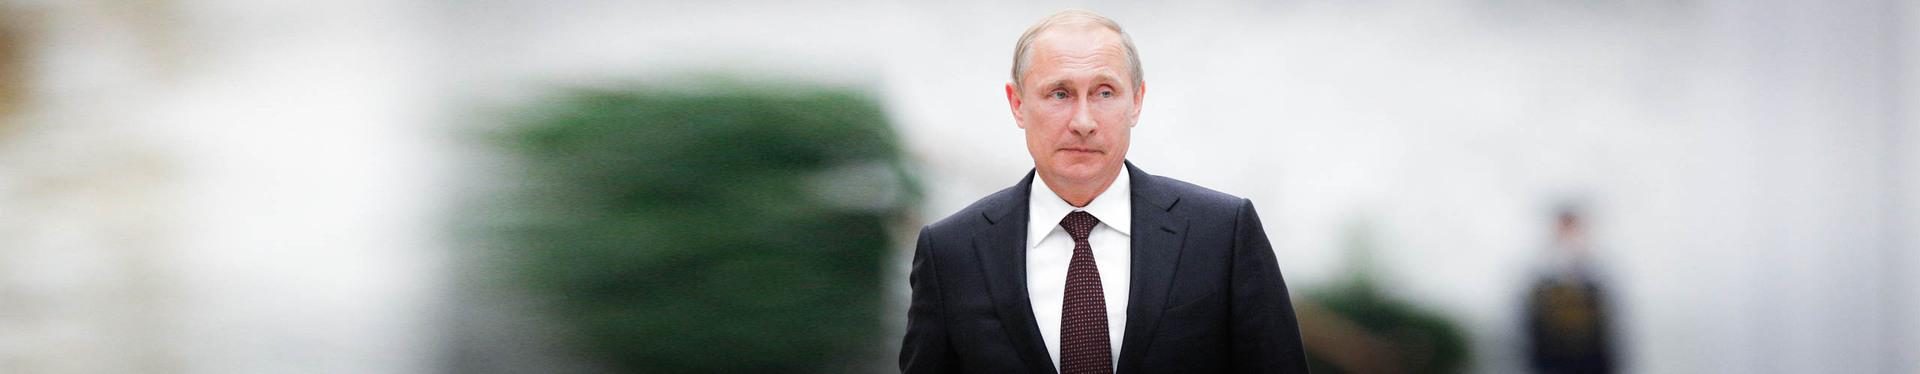 Обращение президента РФ к населению